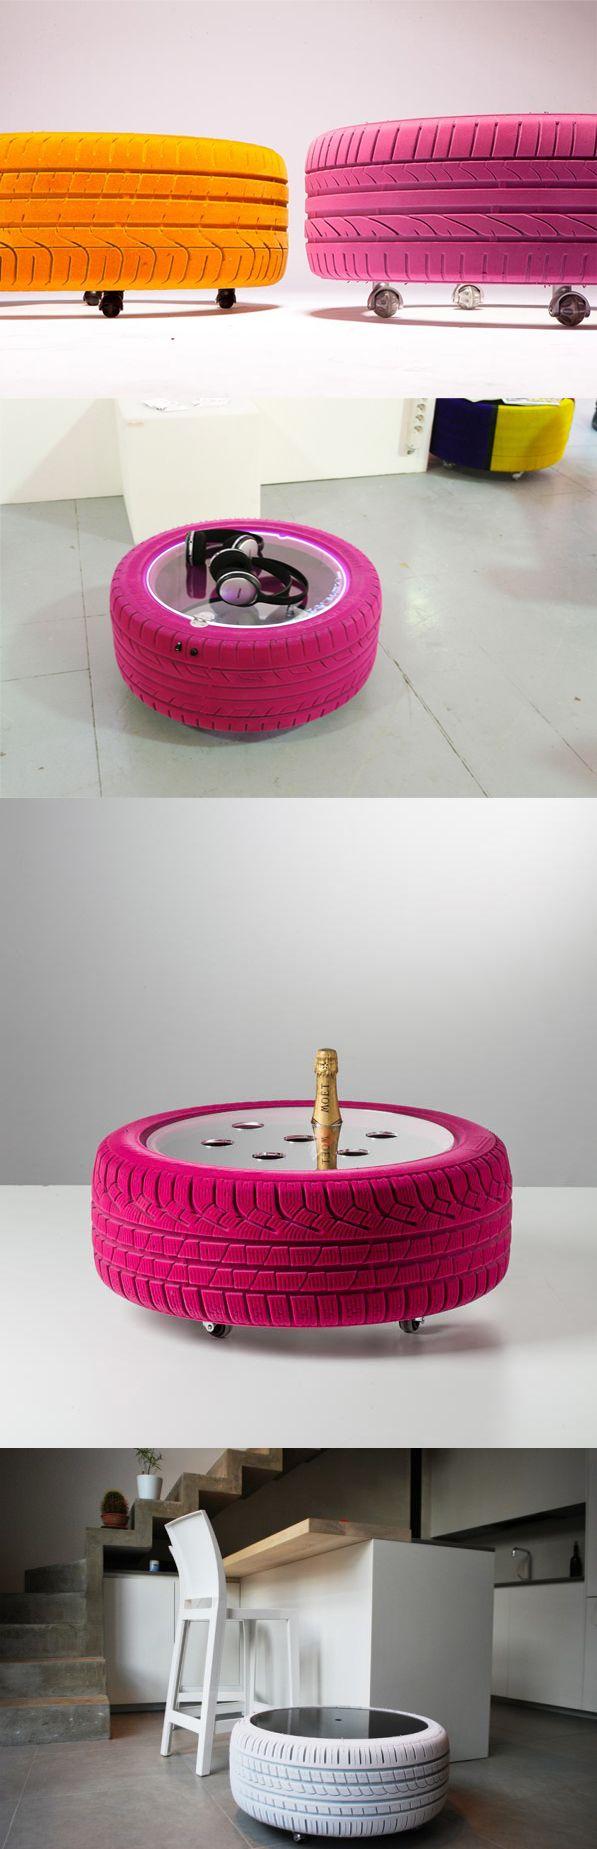 Cómo reciclar neumáticosCómo reciclar neumáticos